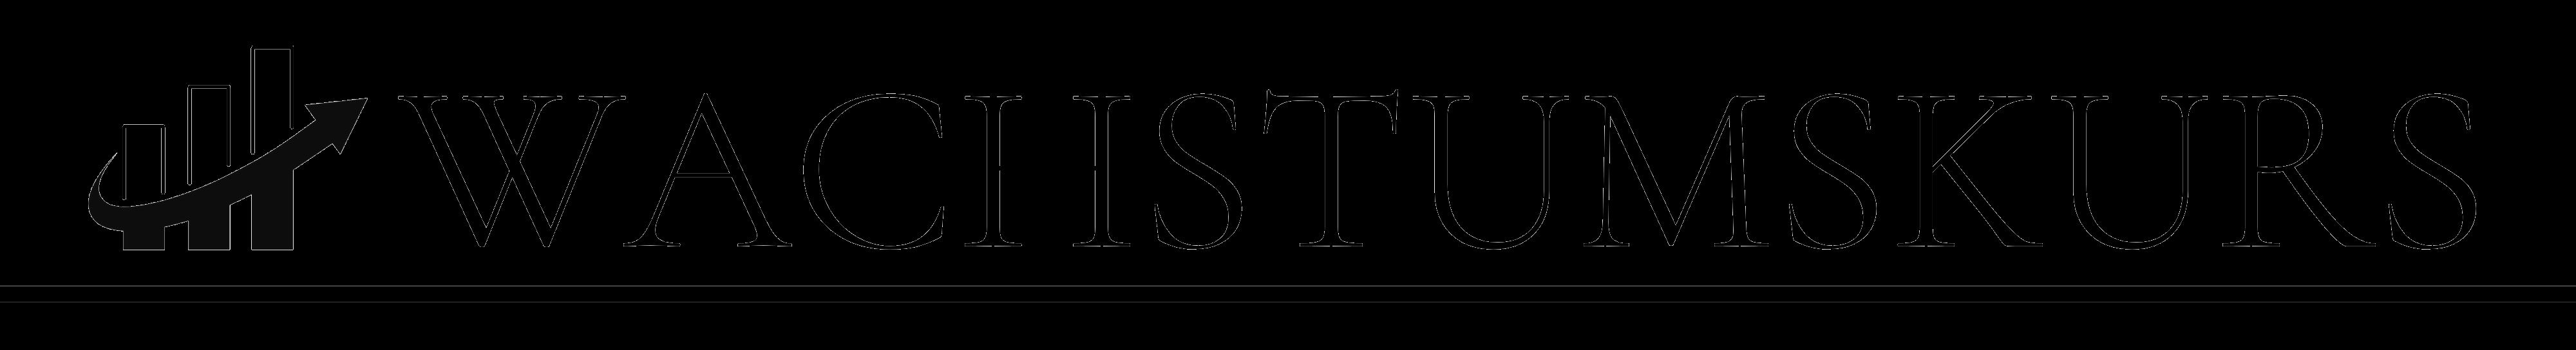 Wachstumskurs Logo Vermögensaufbau mit Aktien